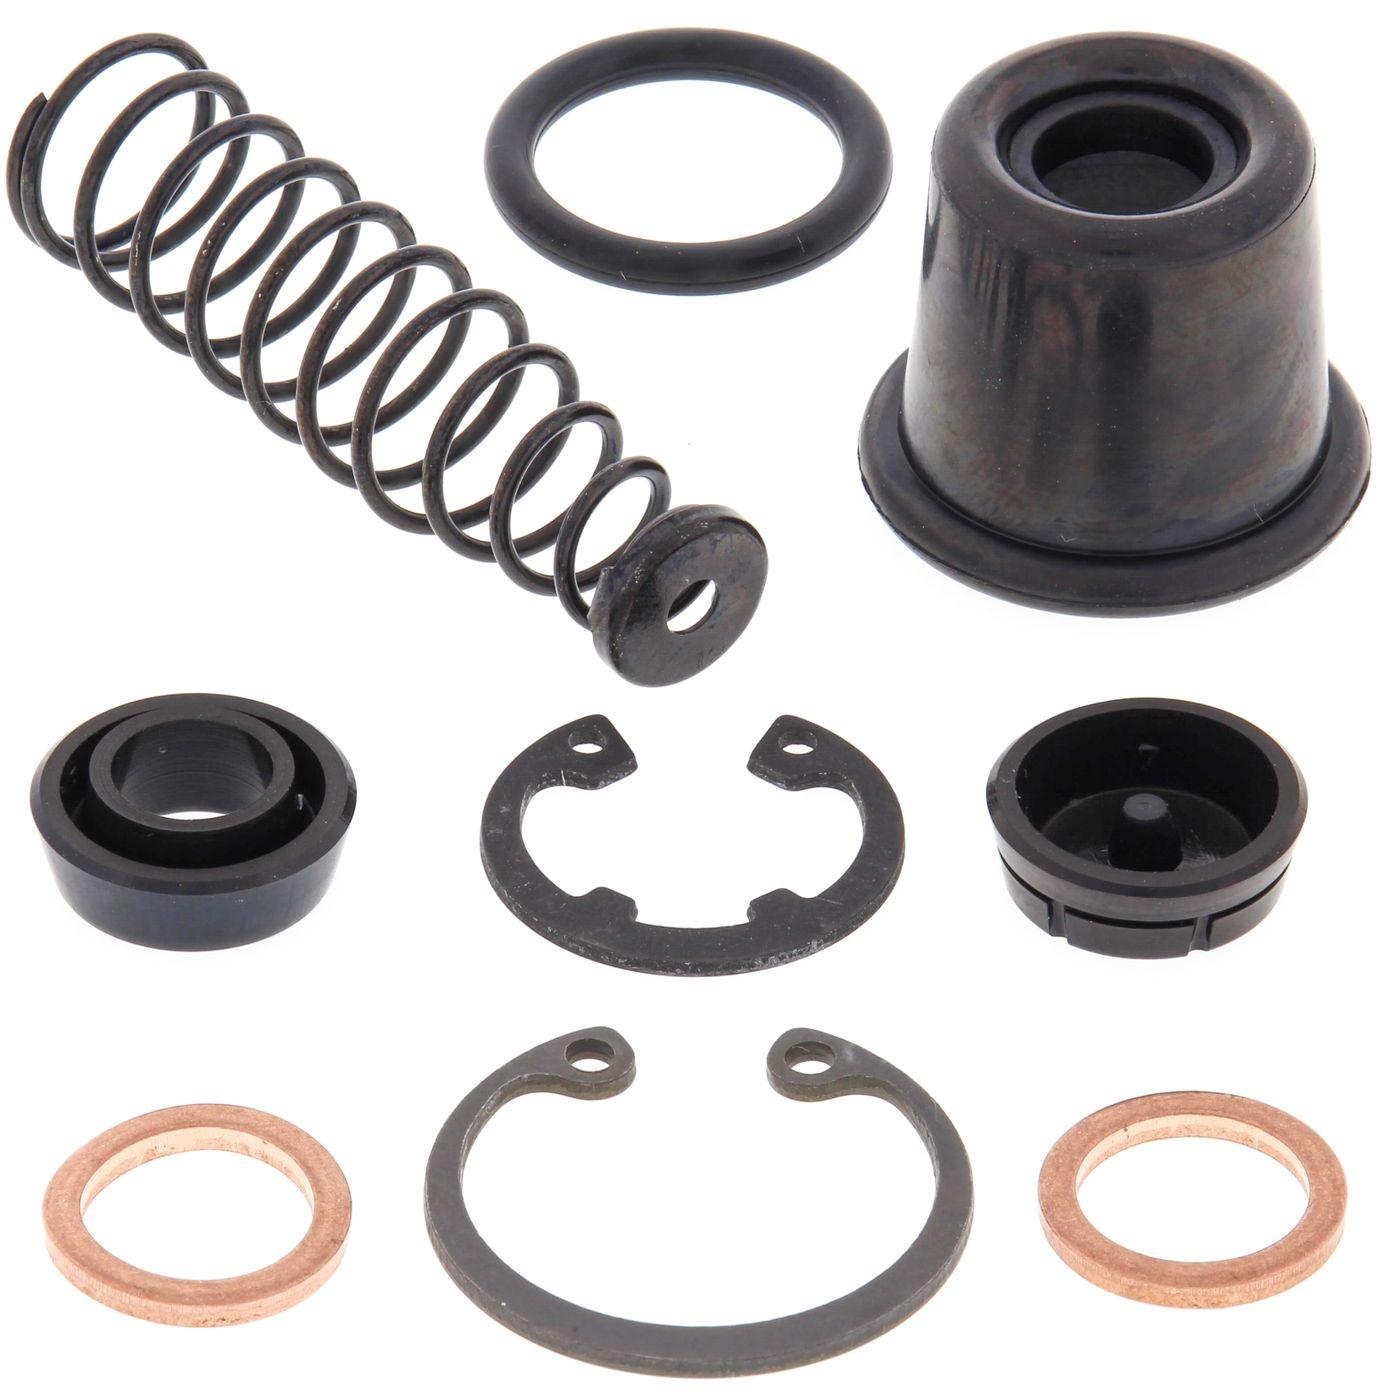 Wrp Master Cylinder Repair Kit - WRP181003 image